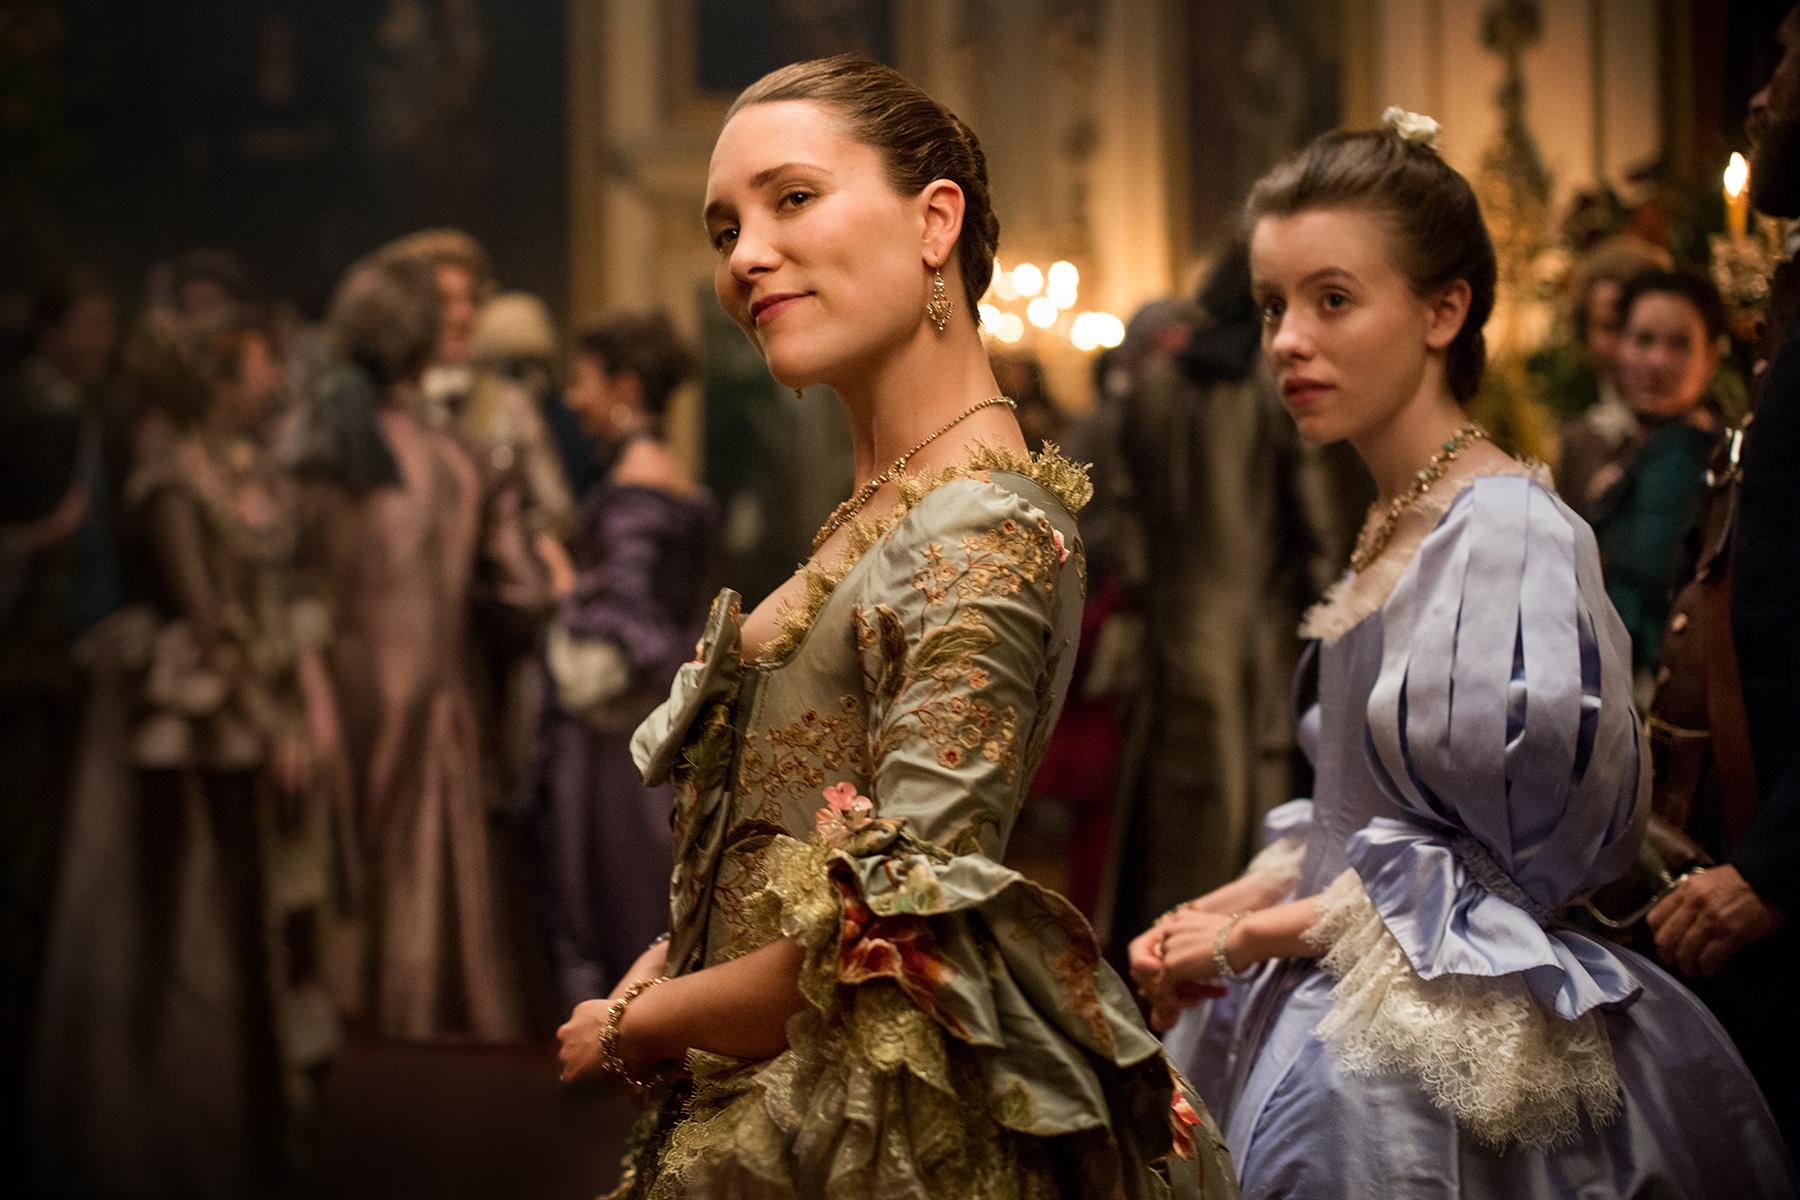 New Hq Stills Of The Cast Of Outlander In Episode 2 02 Outlander Online